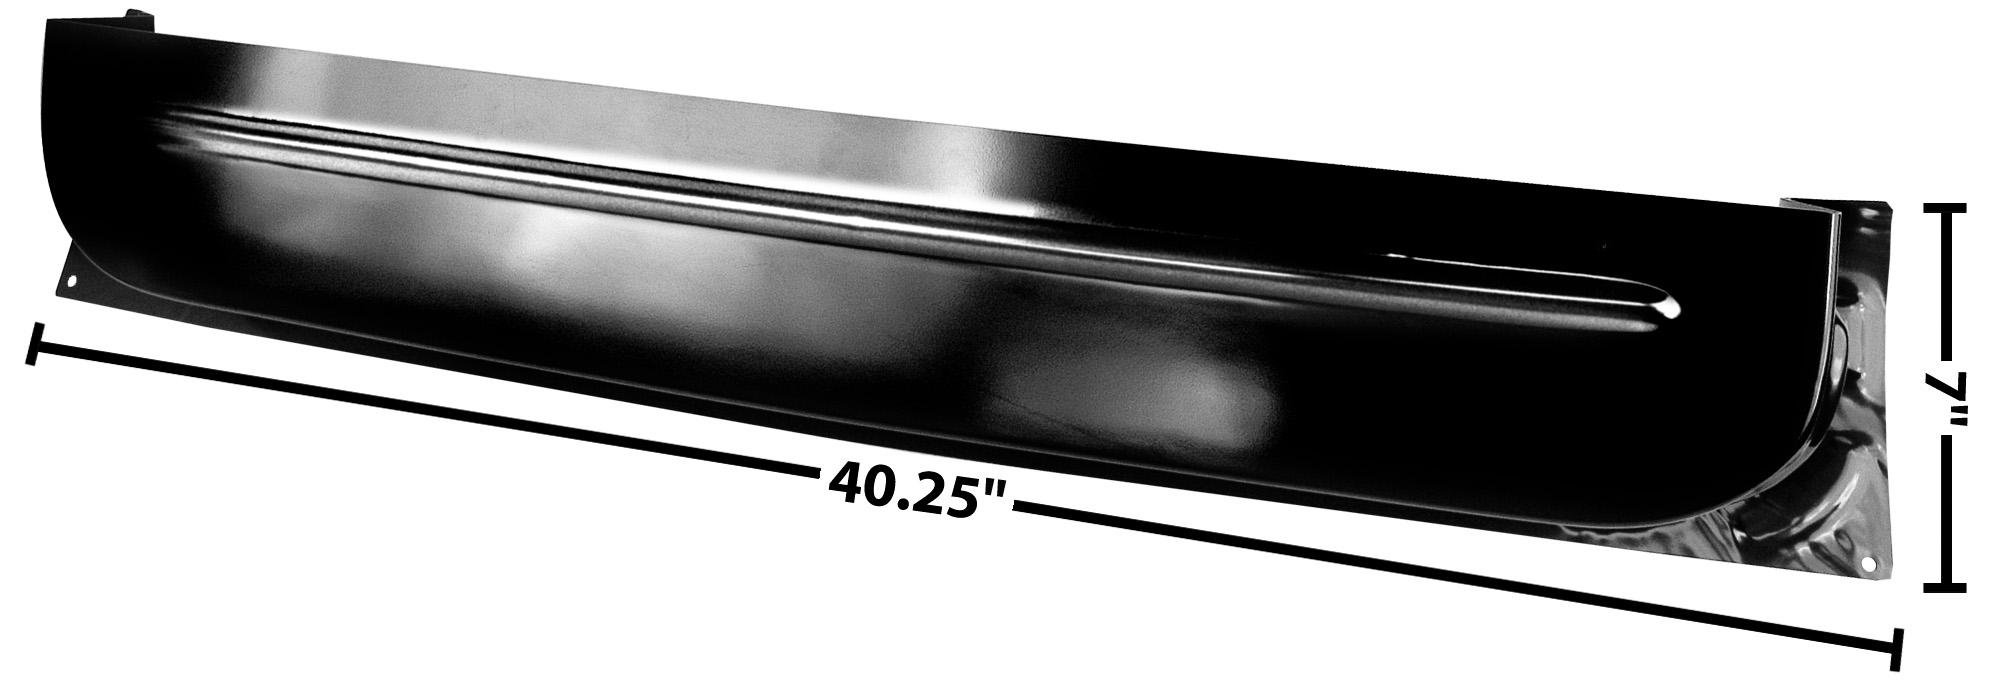 C PU 60-63 LOWER INNER DOOR PANEL-RH